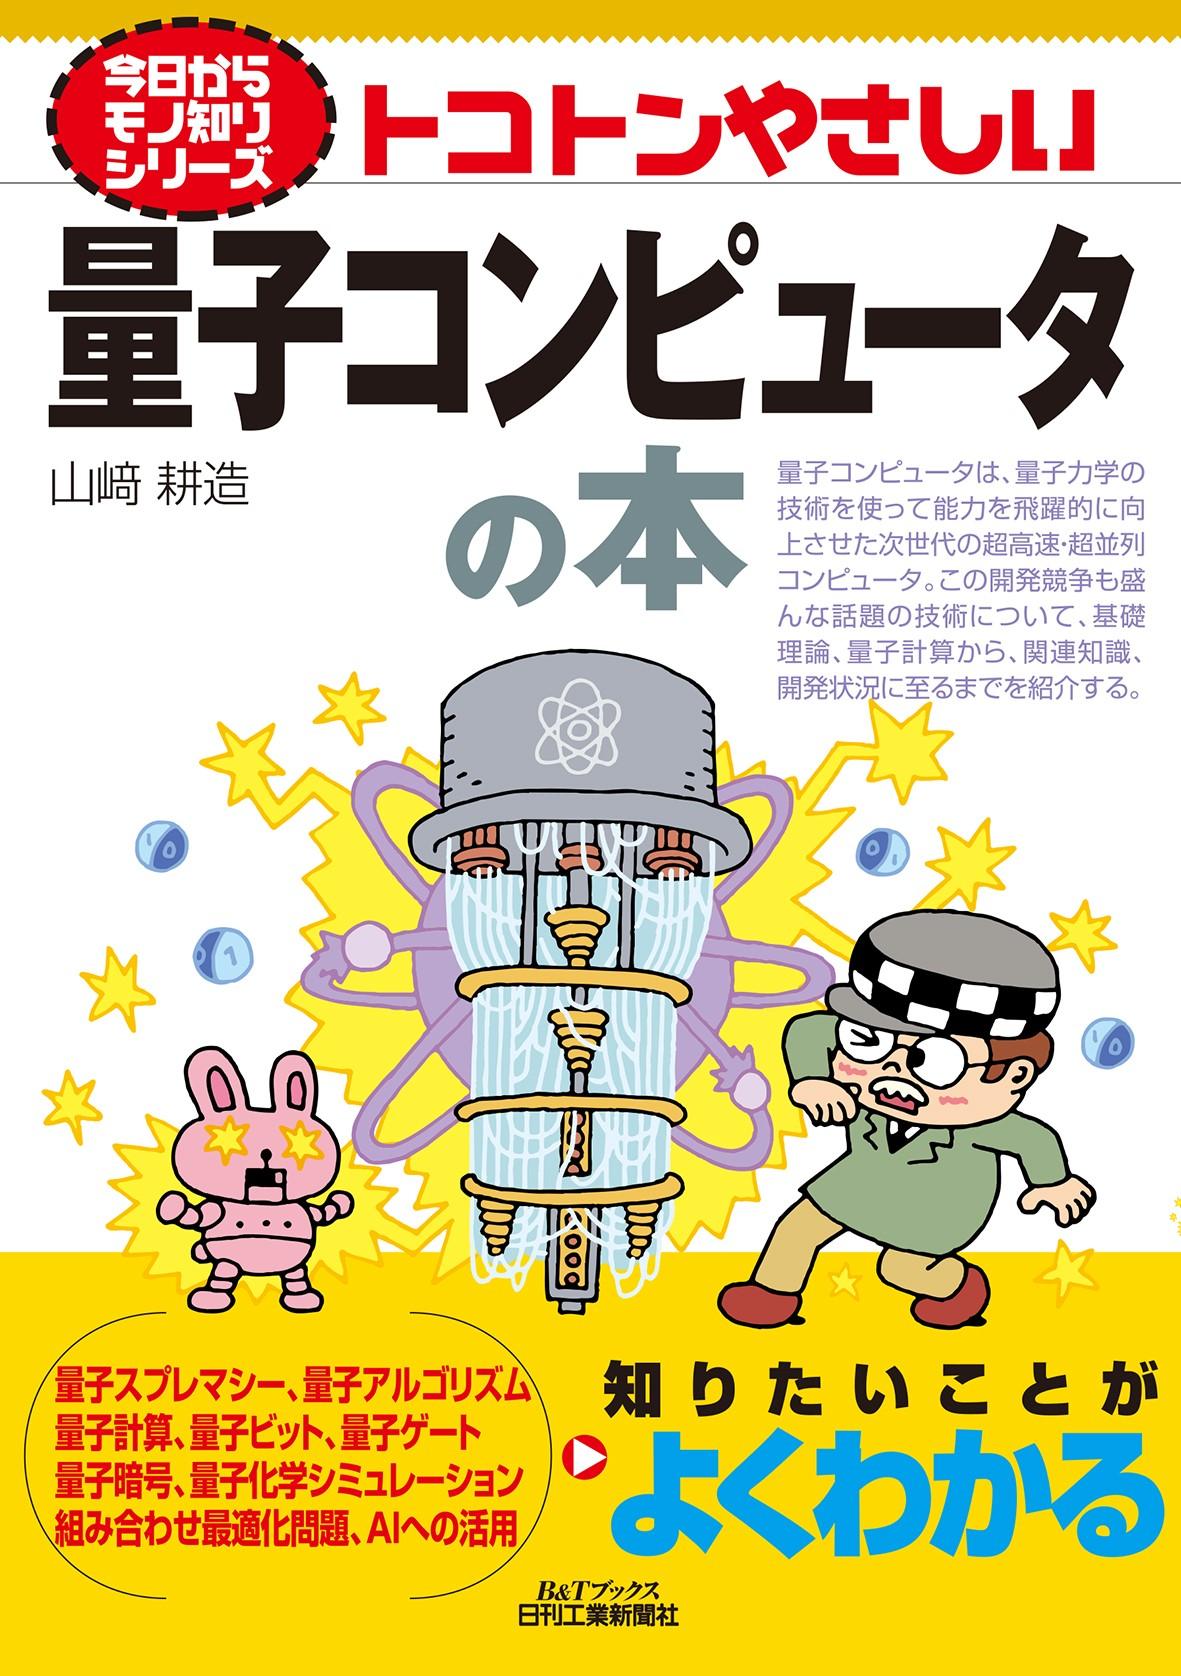 未来のコンピュータのしくみを紹介する「トコトンやさしい量子コンピュータの本」発売